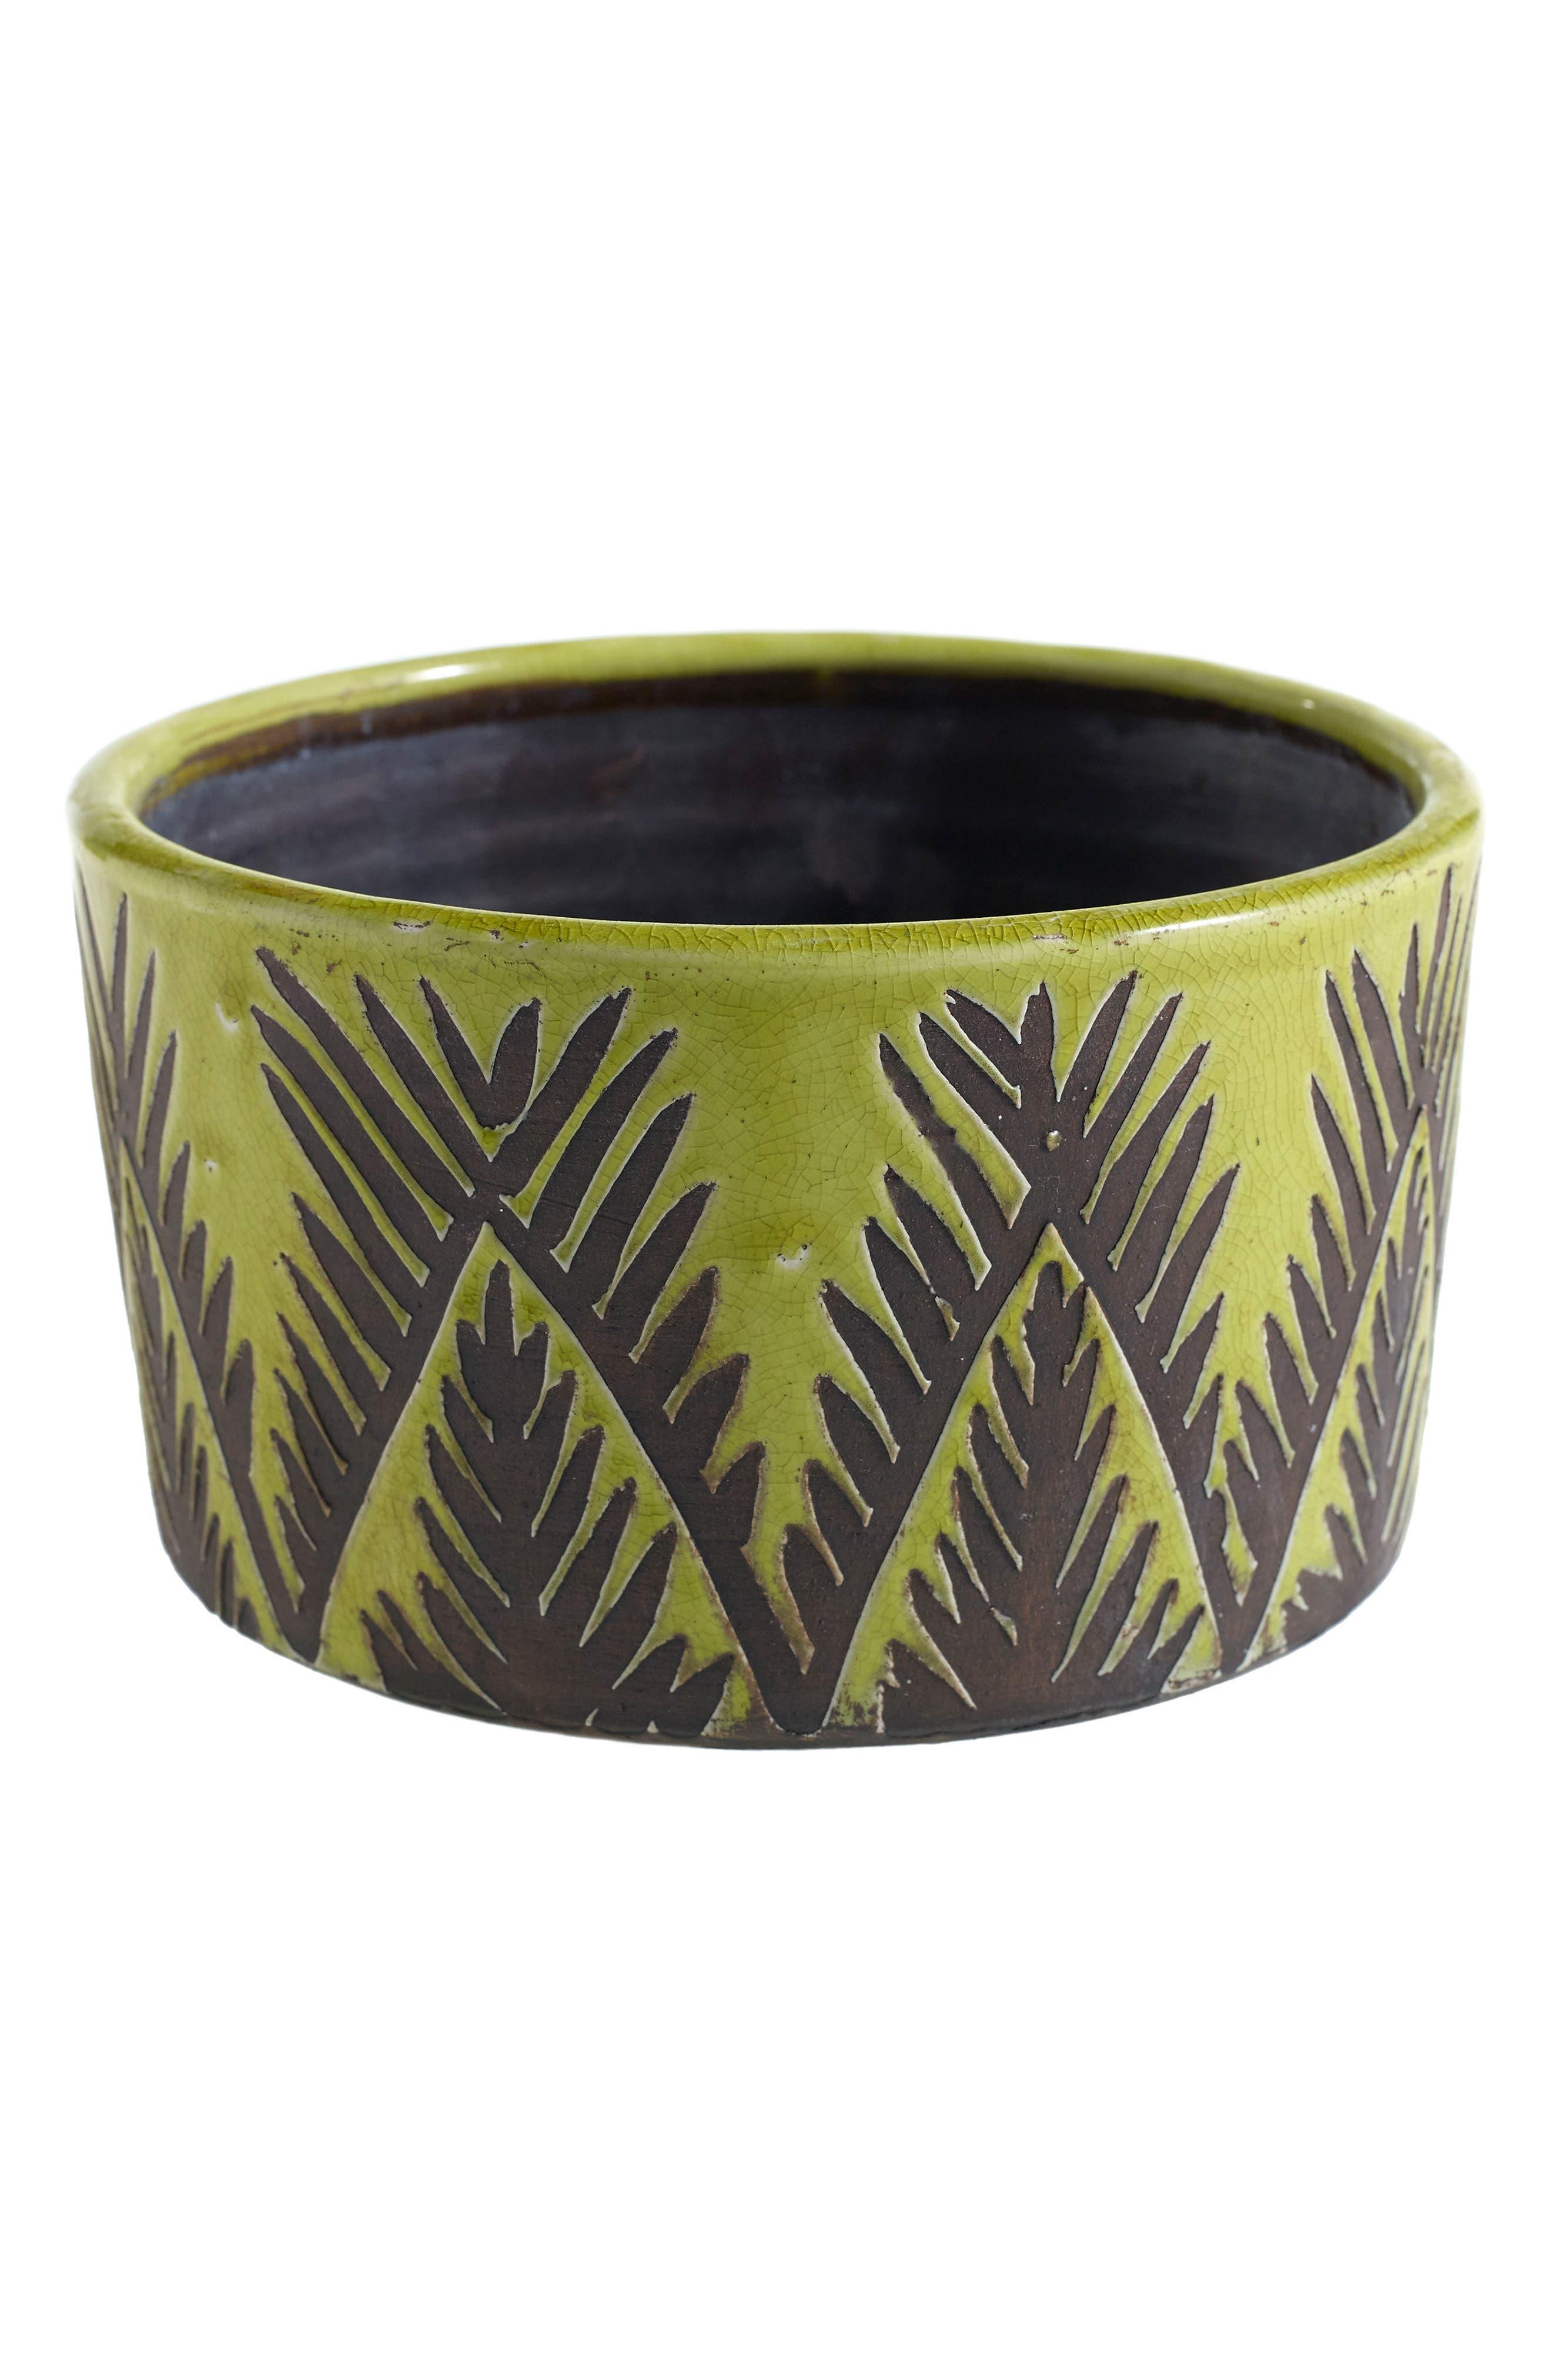 Manga Ceramic Bowl,                         Main,                         color, Green